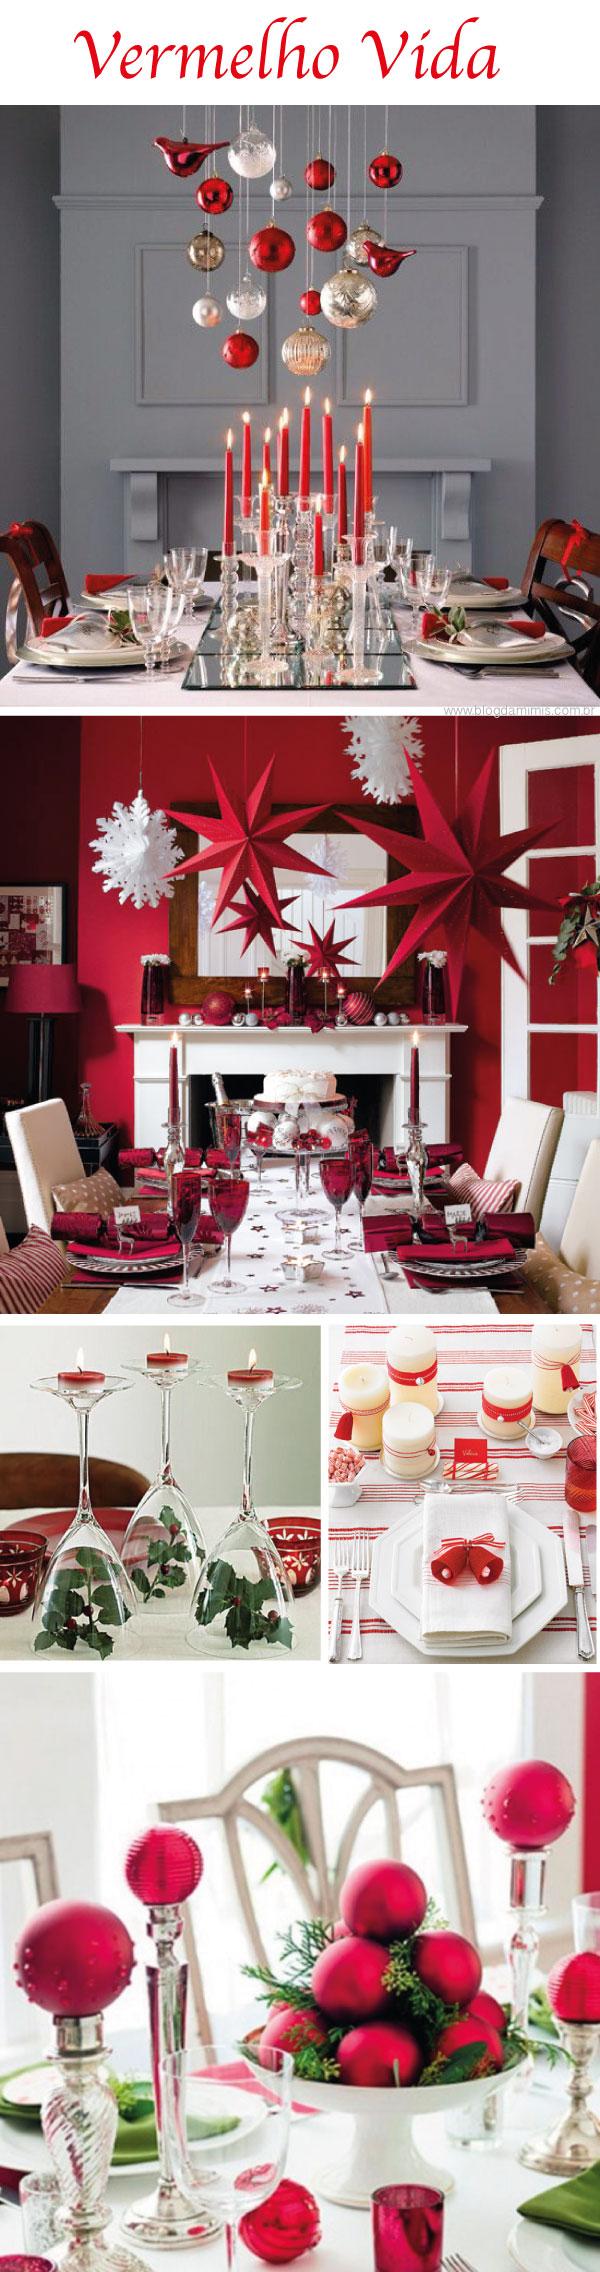 VERMELHO--blog-da-mimis-michelle-franzoni-decoração-natal